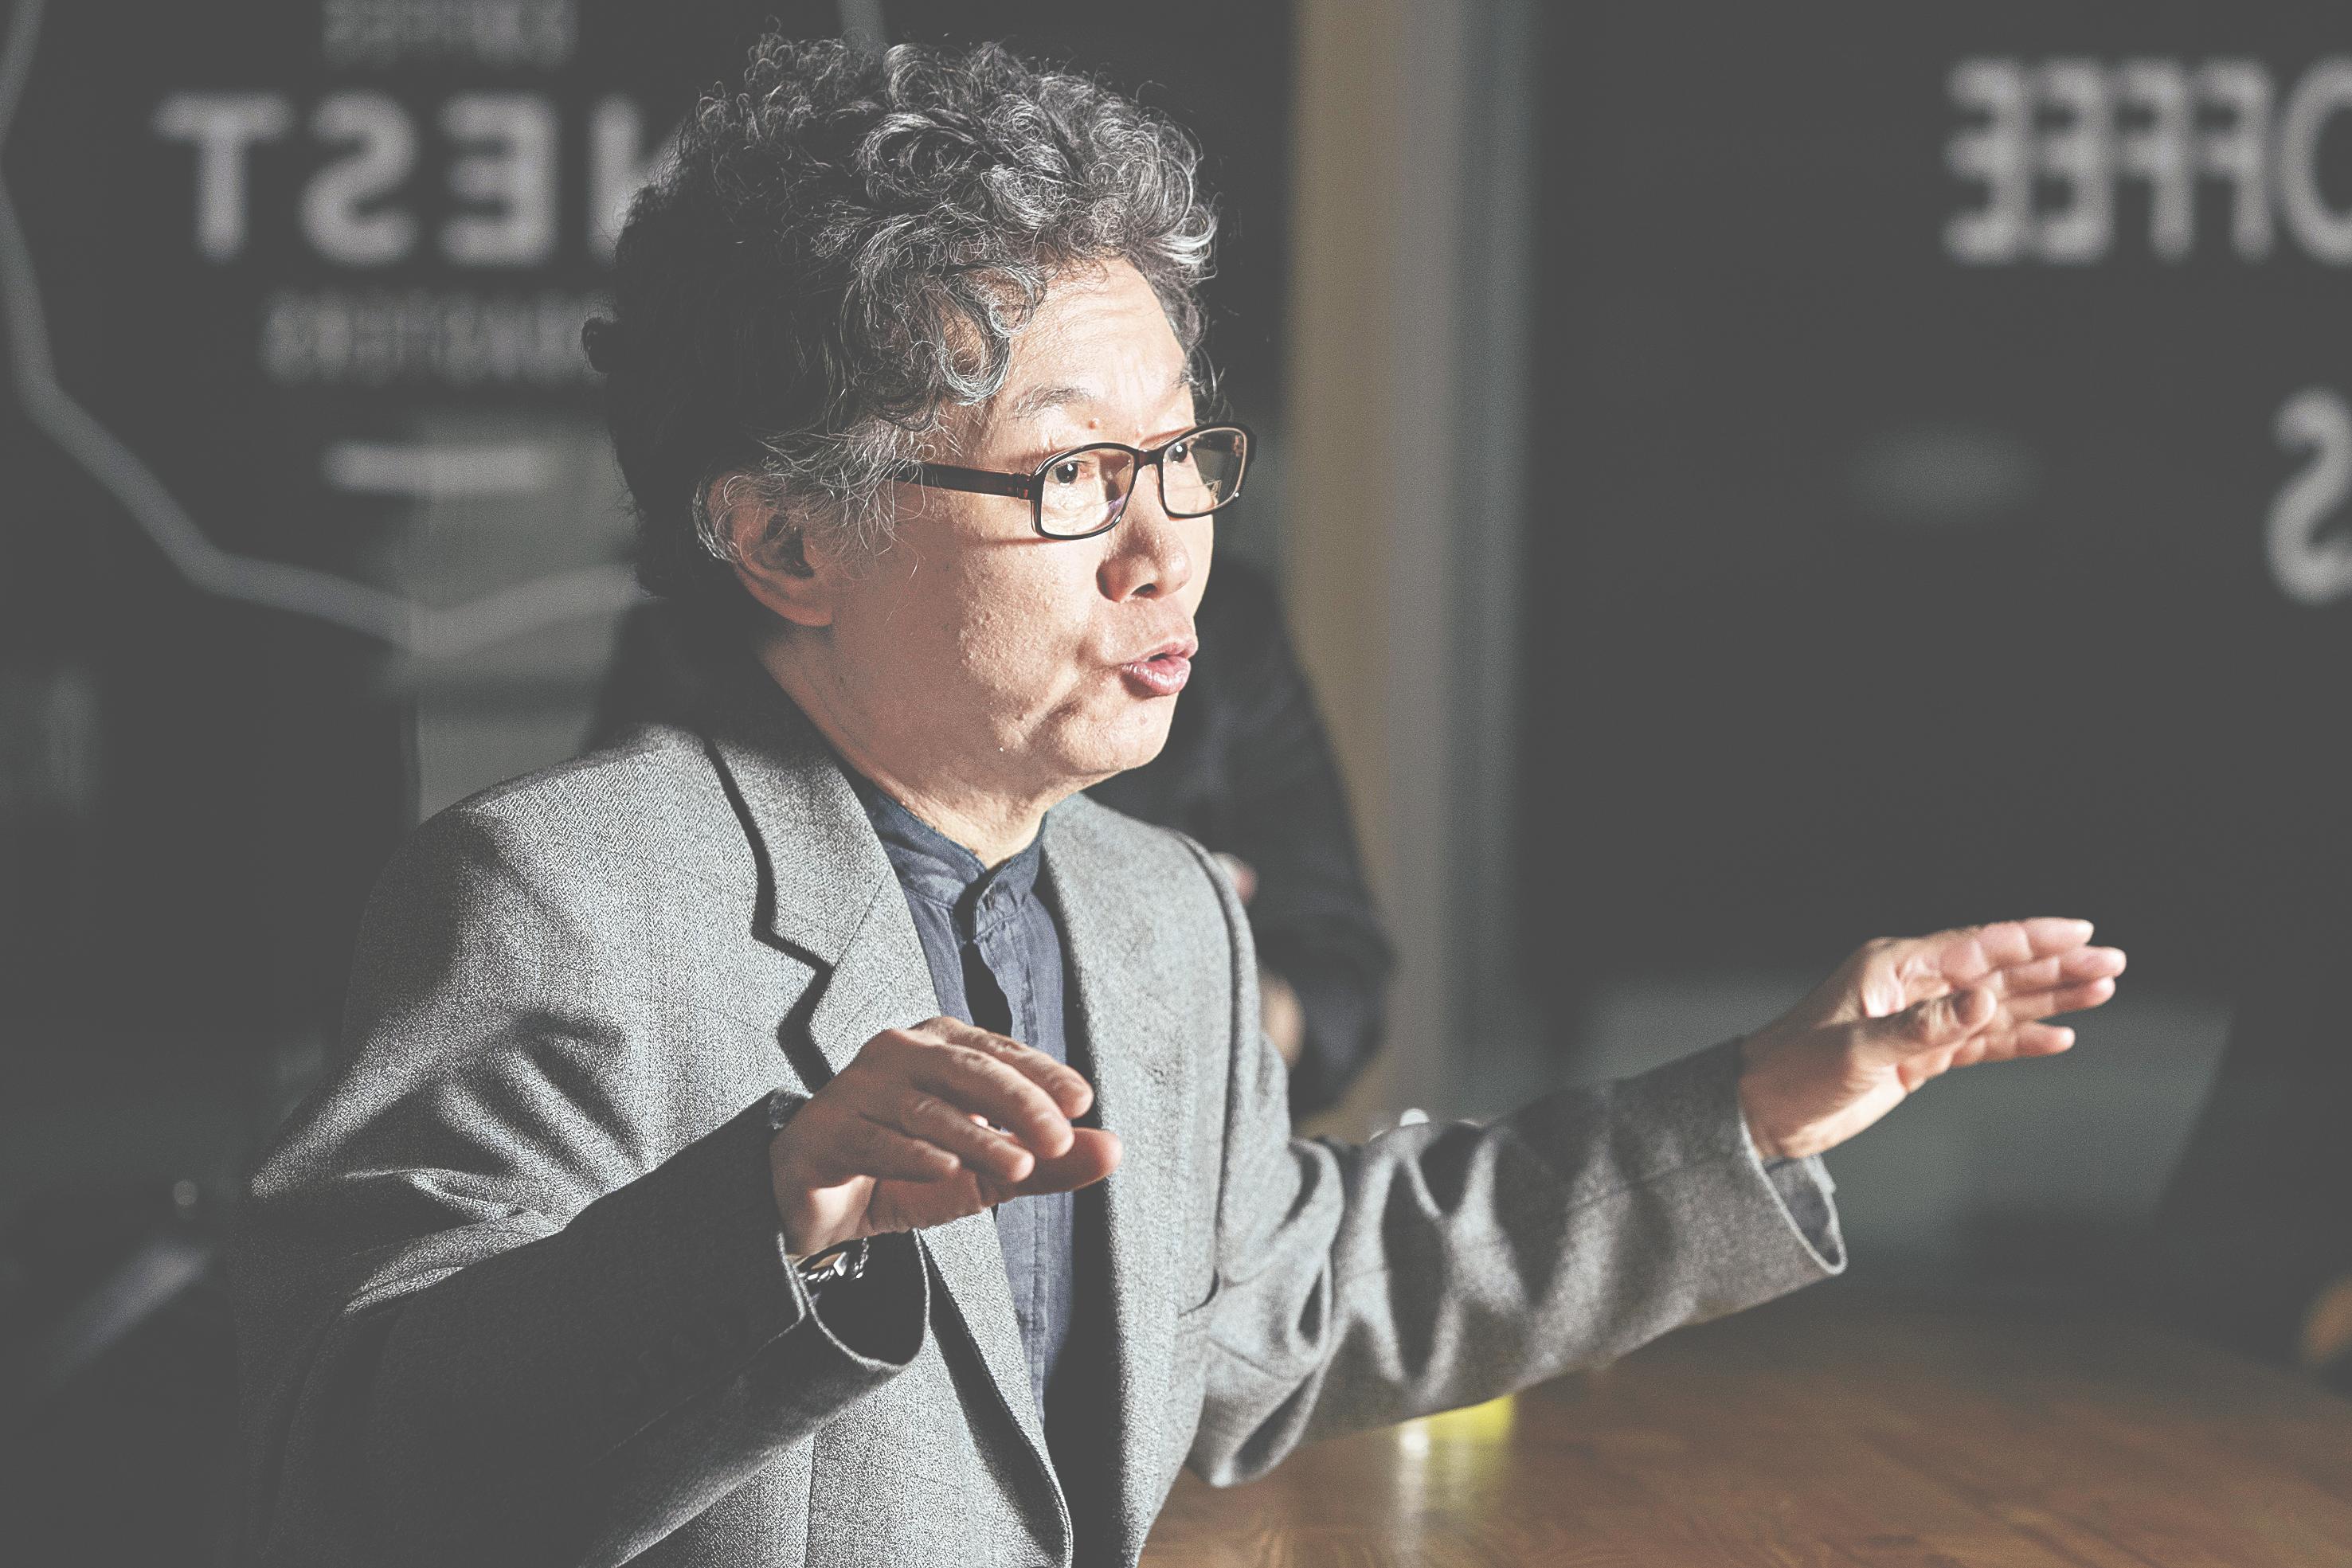 지난달 중앙일보와 인터뷰중인 서균렬 서울대 원자핵공학과 교수. 장진영 기자